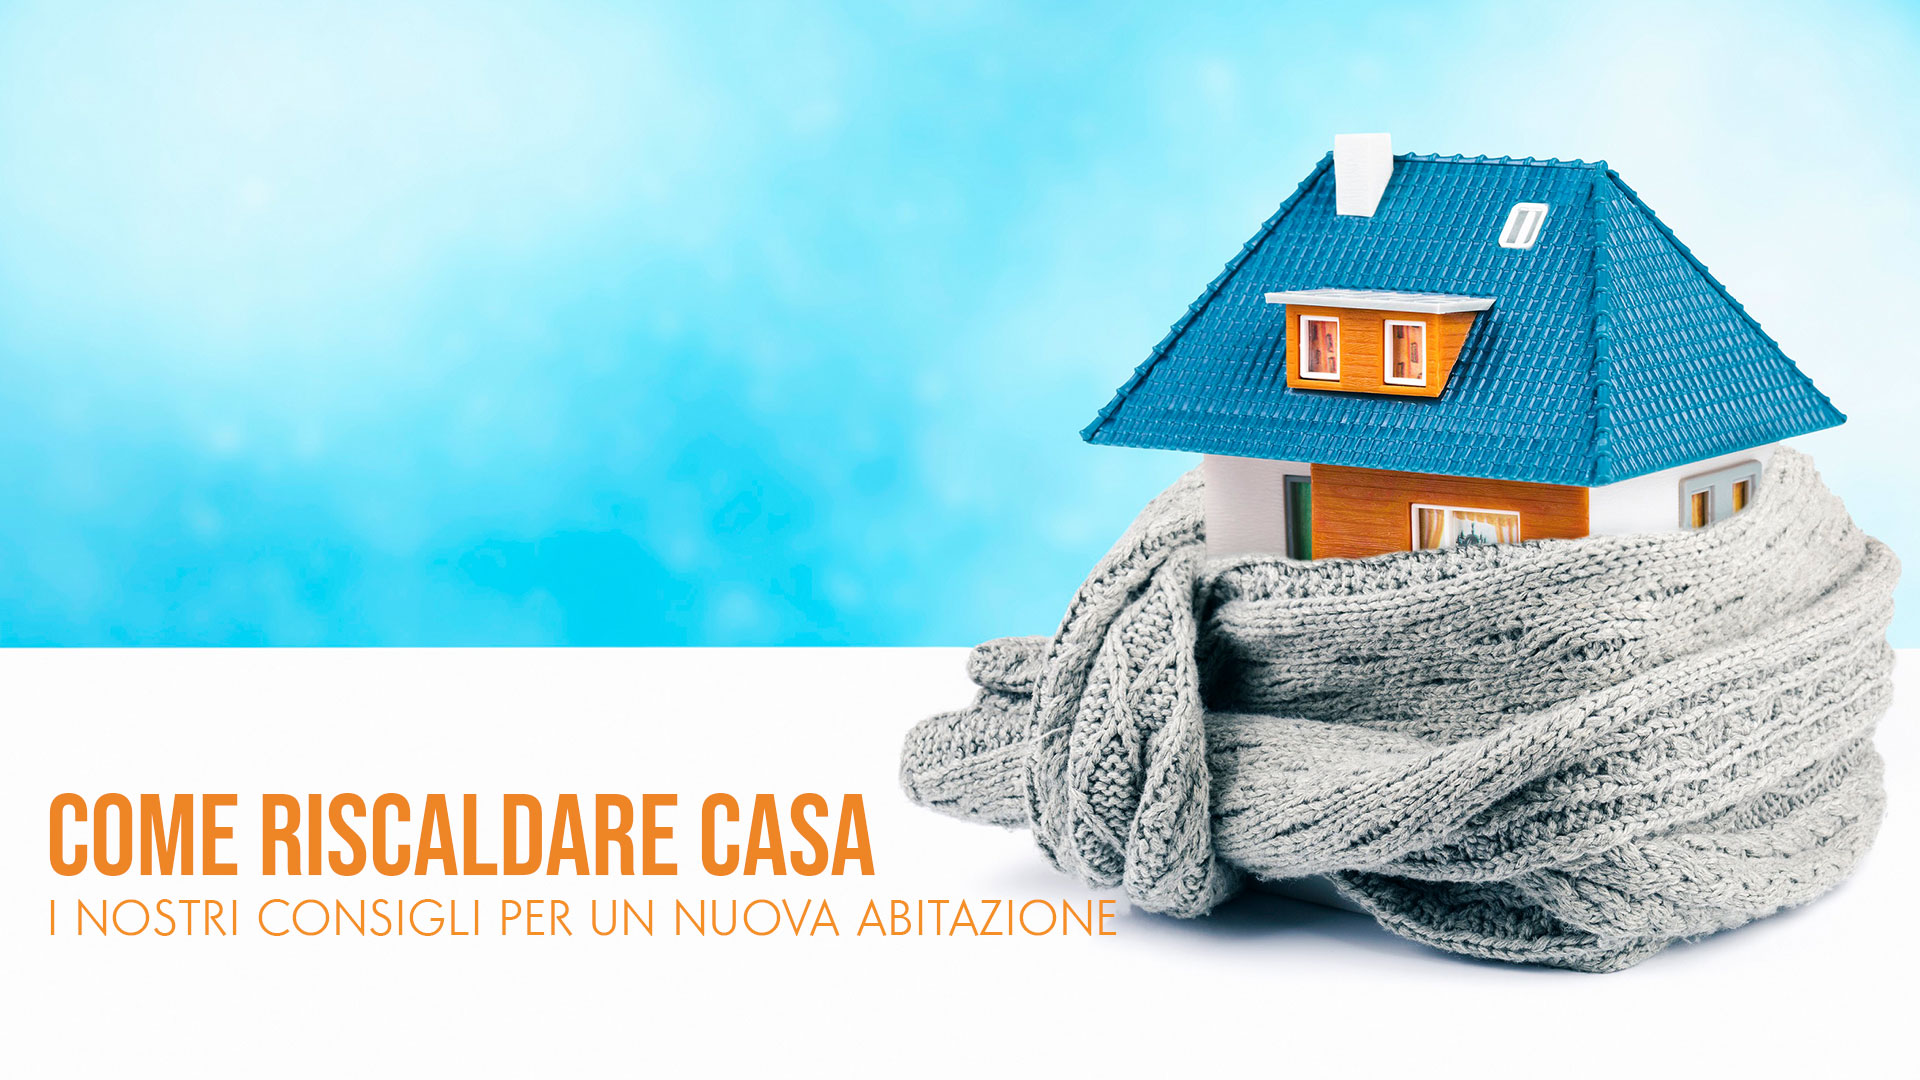 Dove Trasmettono Casa Su Misura come riscaldare casa: i nostri consigli per una nuova abitazione